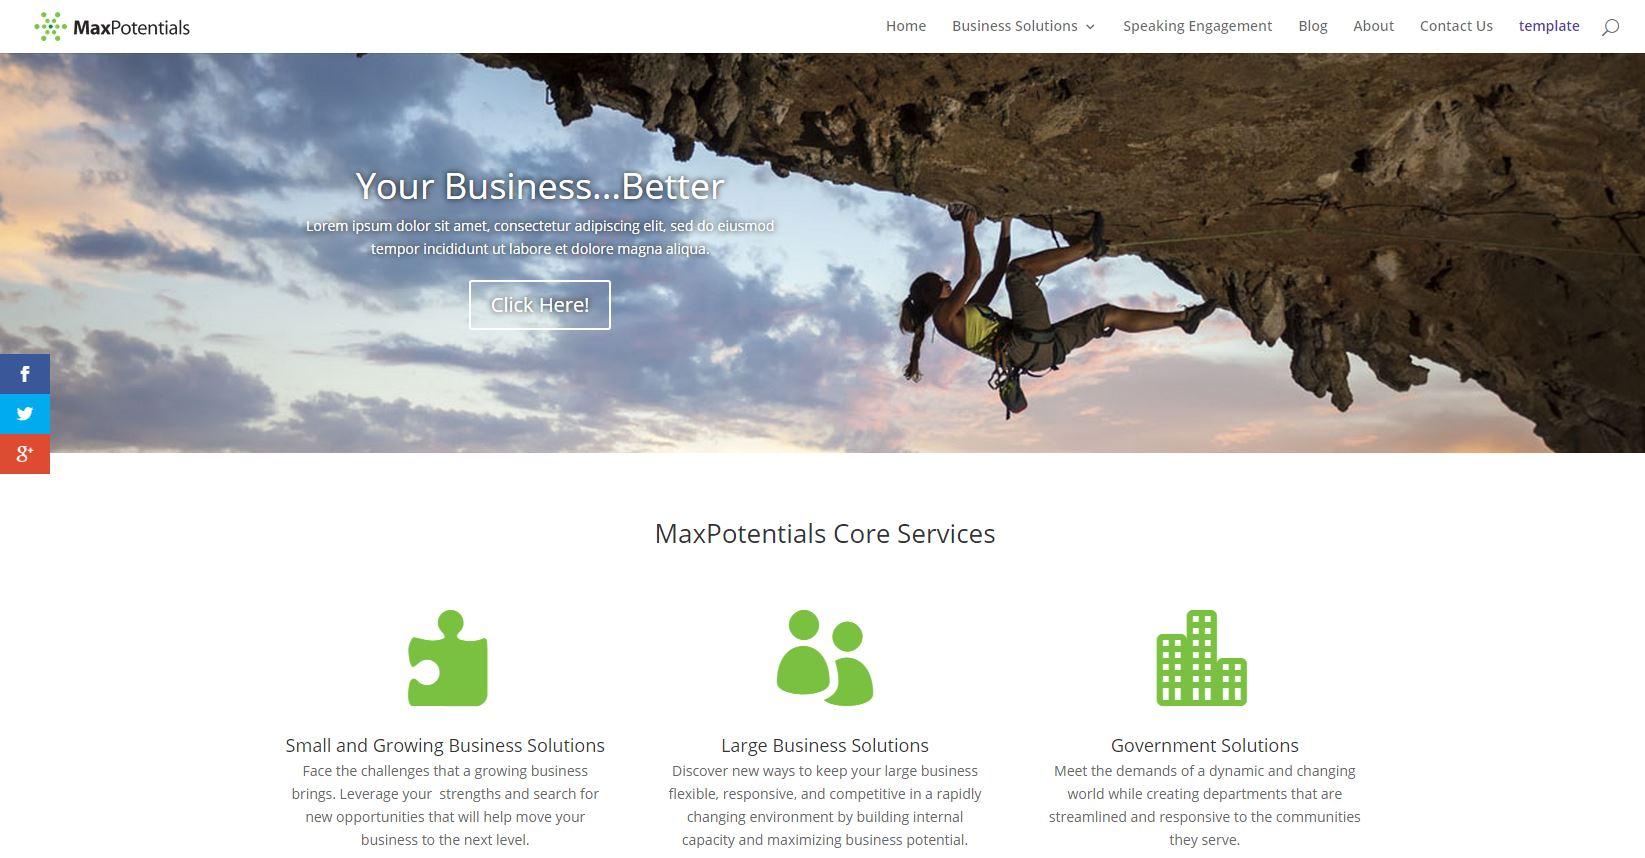 Screenshot of MaxPotentials.com